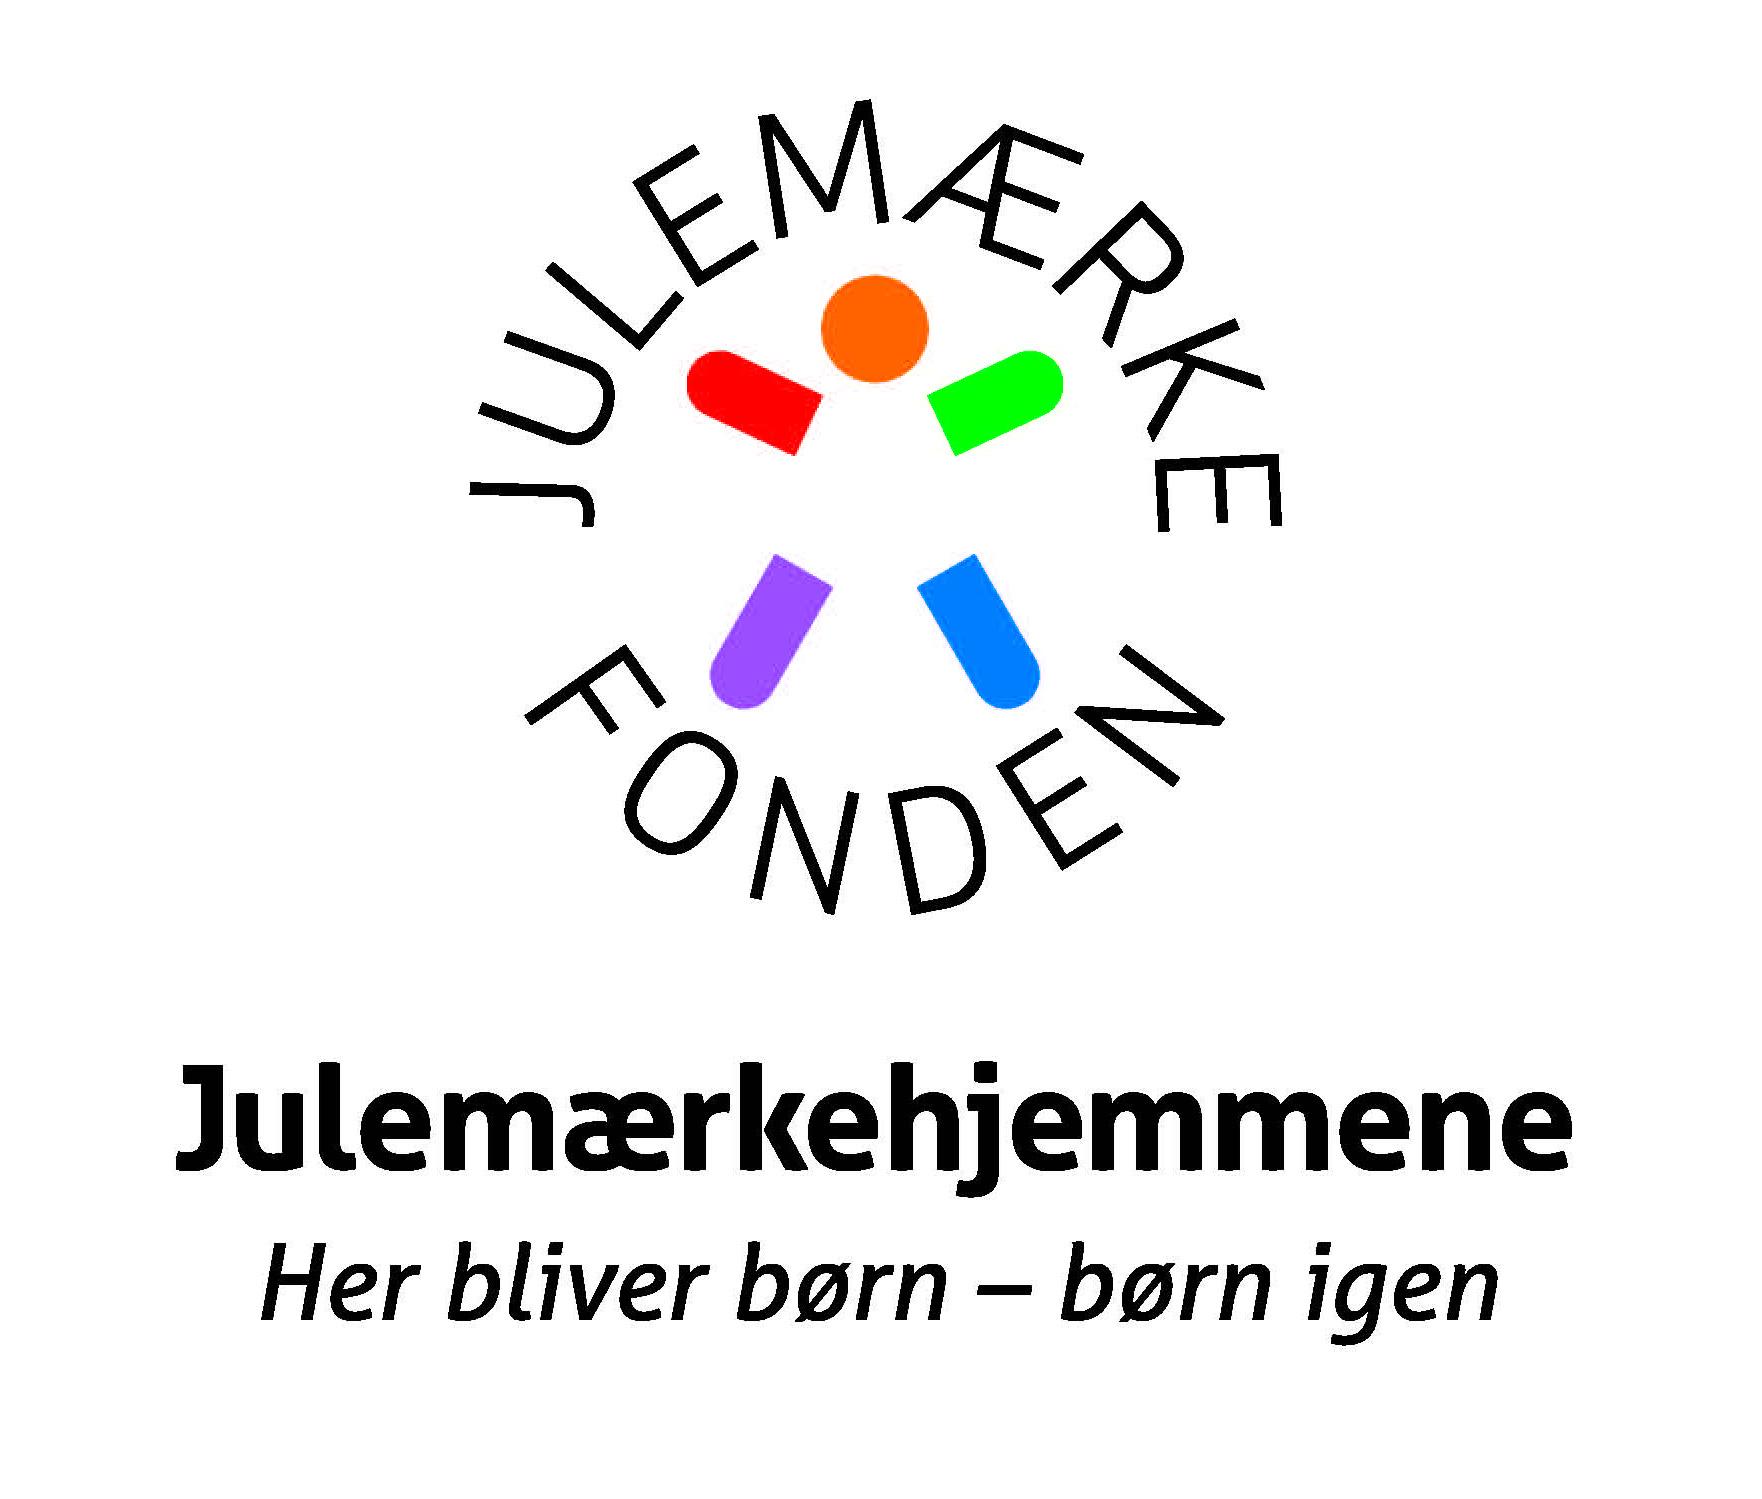 STØTTEKONCERT for JULEMÆRKEHJEM